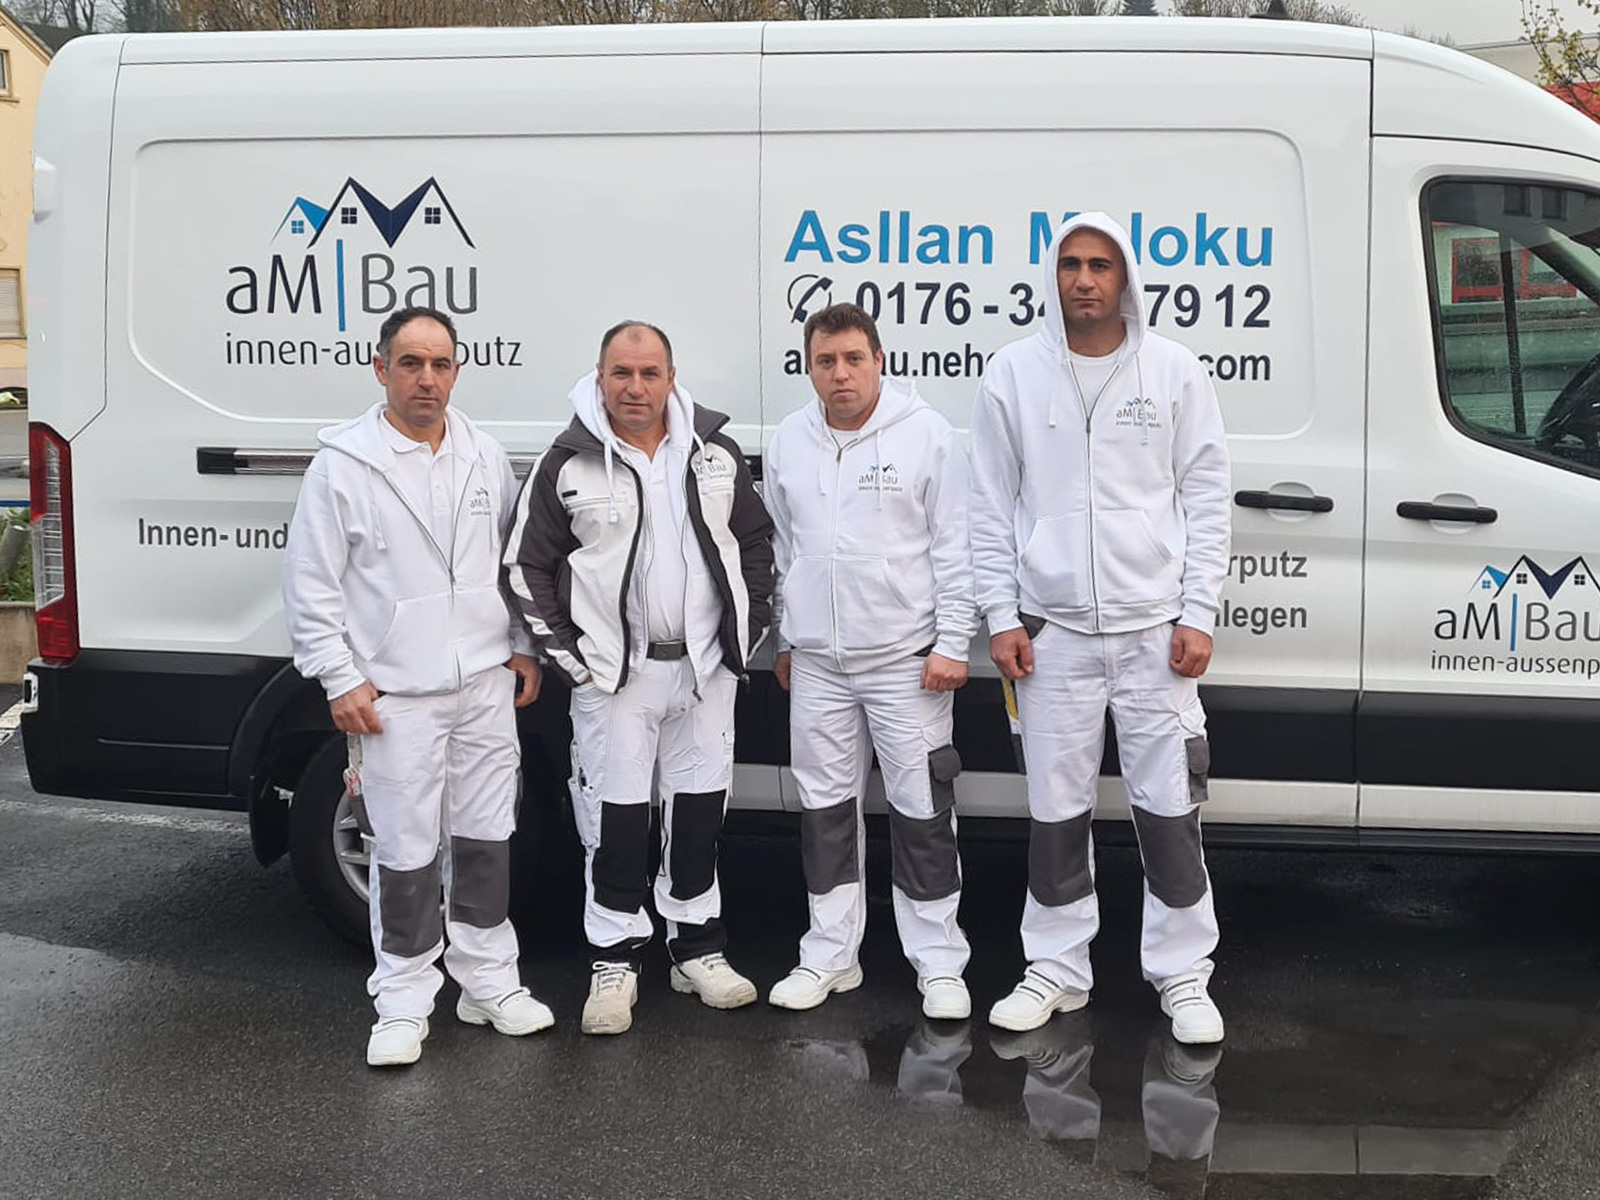 ambau_team